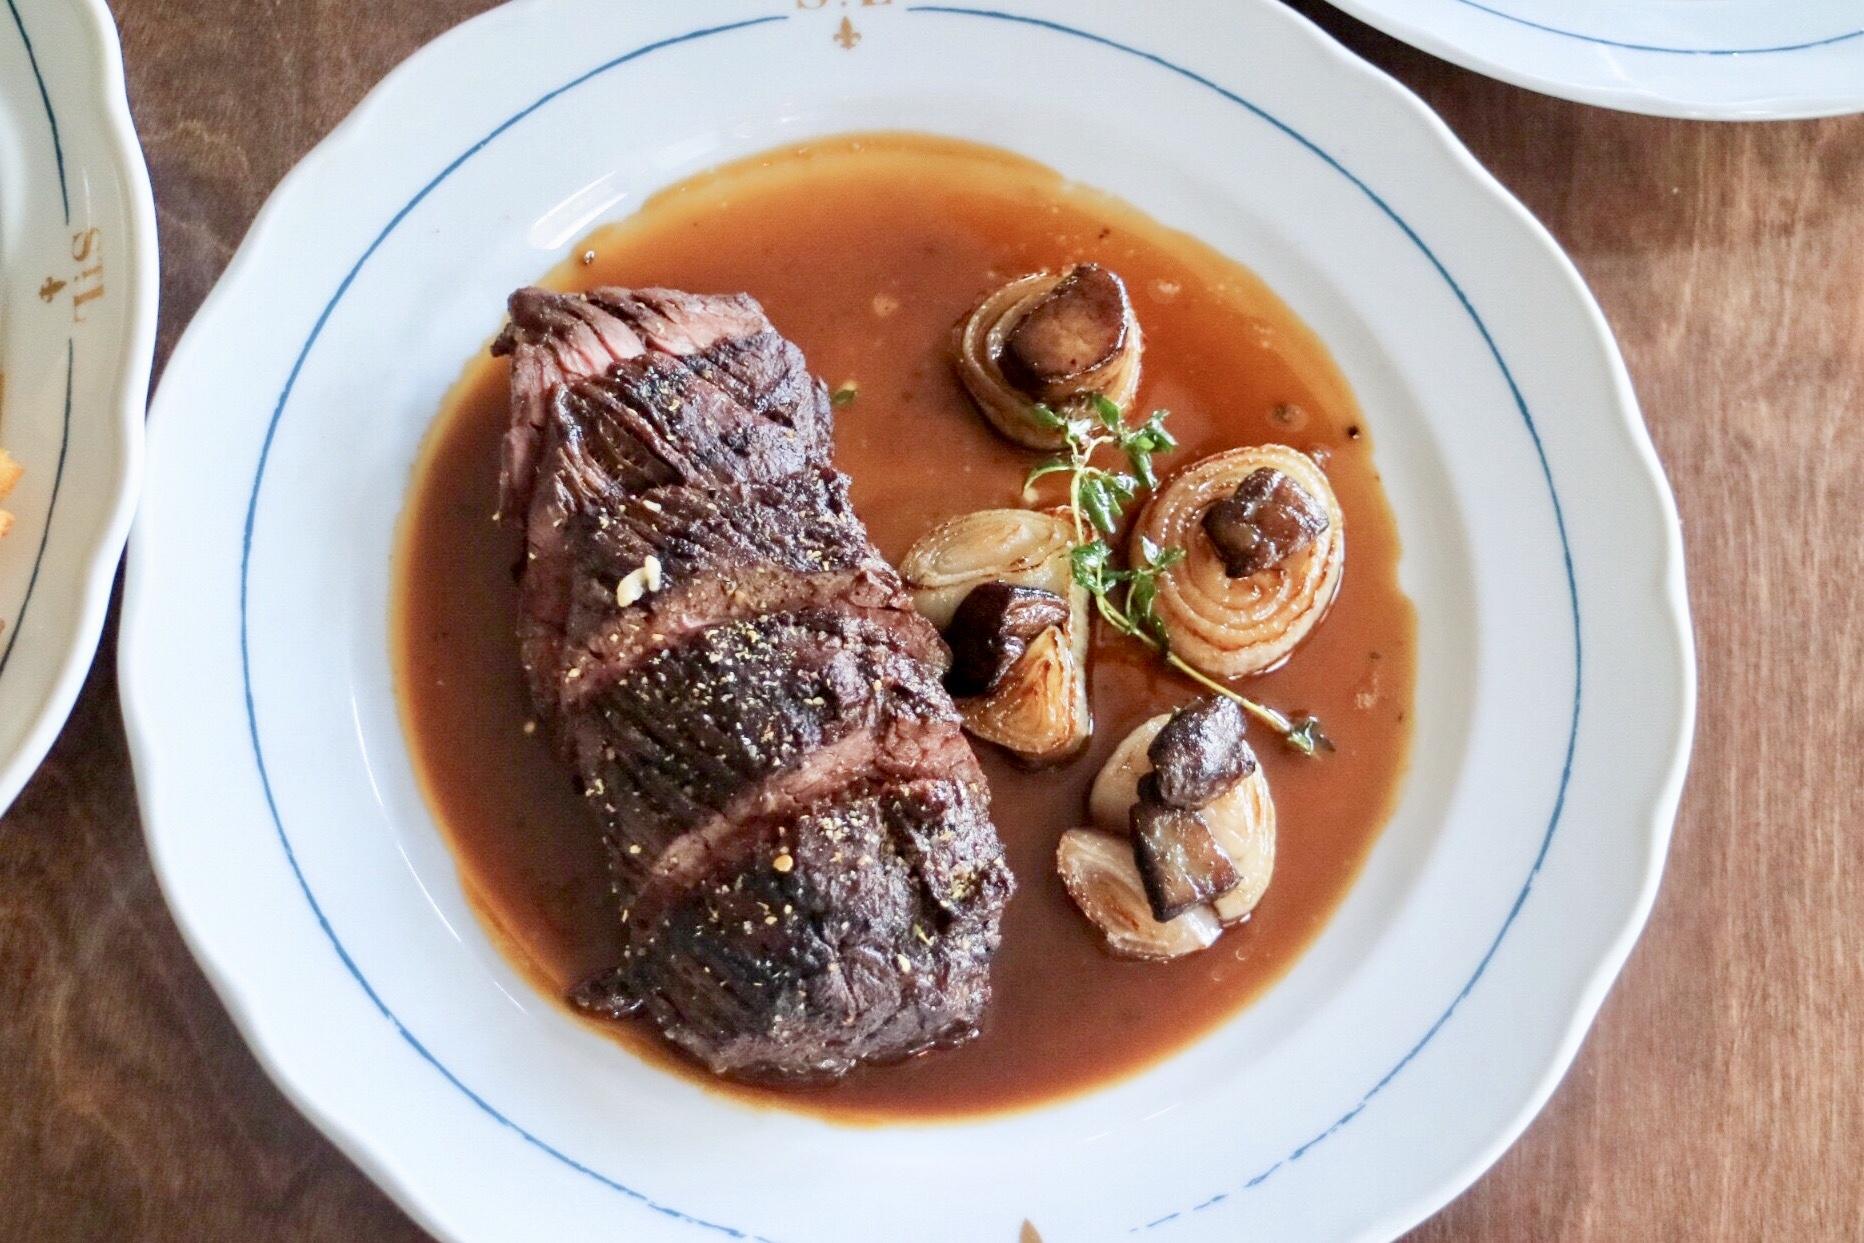 Steak St. Lawrence